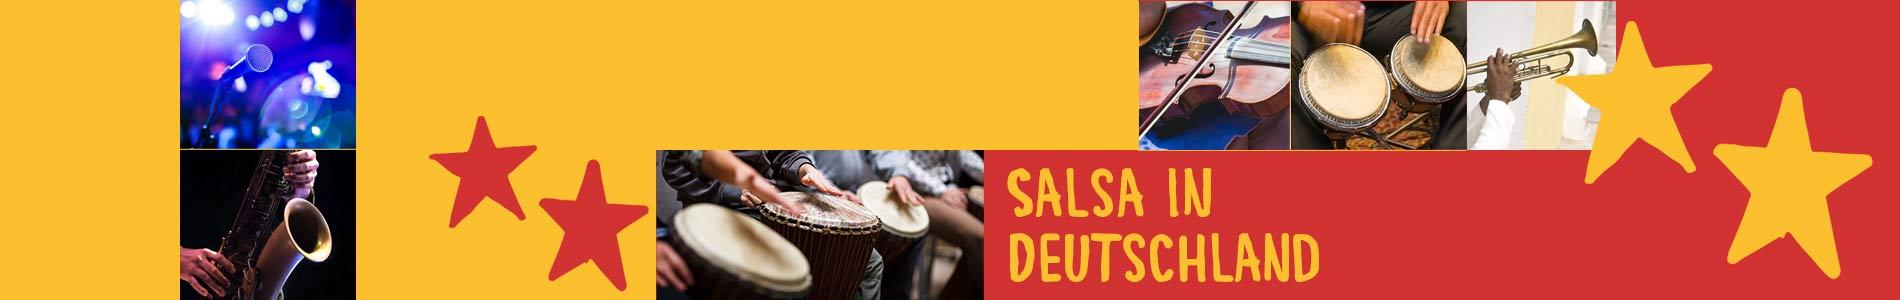 Salsa in Dexheim – Salsa lernen und tanzen, Tanzkurse, Partys, Veranstaltungen